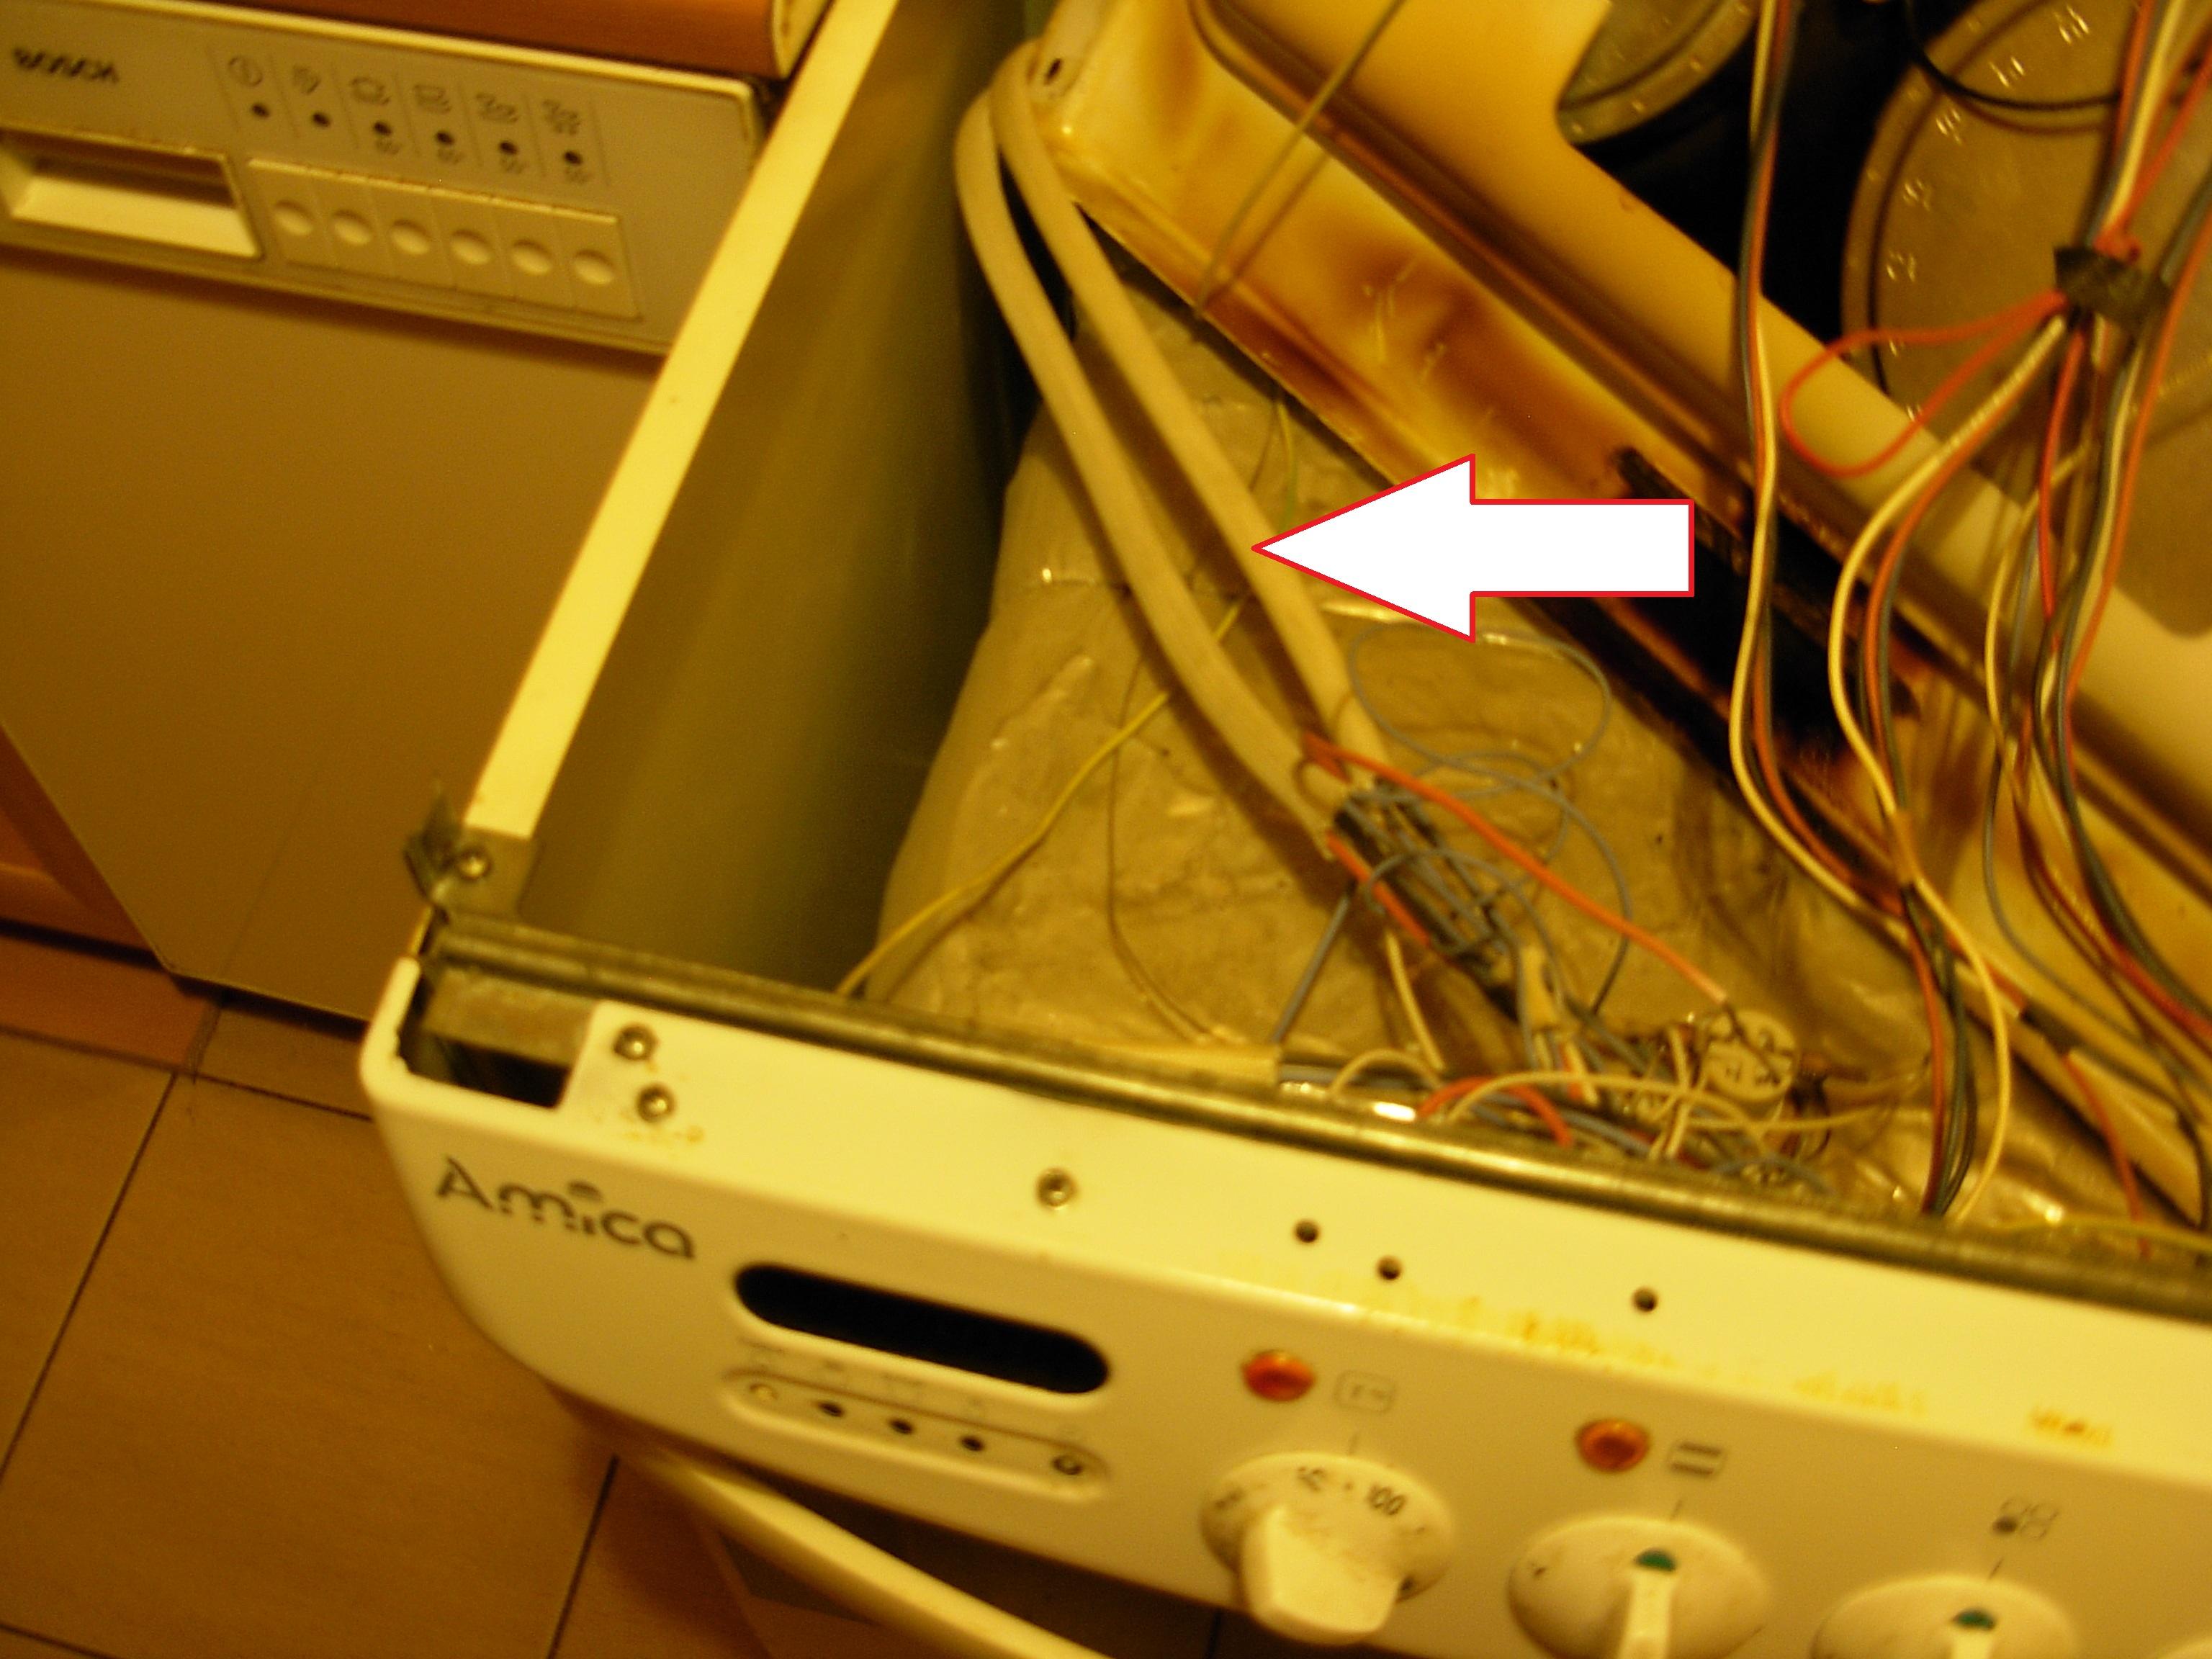 Kuchnia elektryczna Amica C 602 8 Te nie działa piekarnik   -> Kuchnia Elektryczna Nie Grzeje